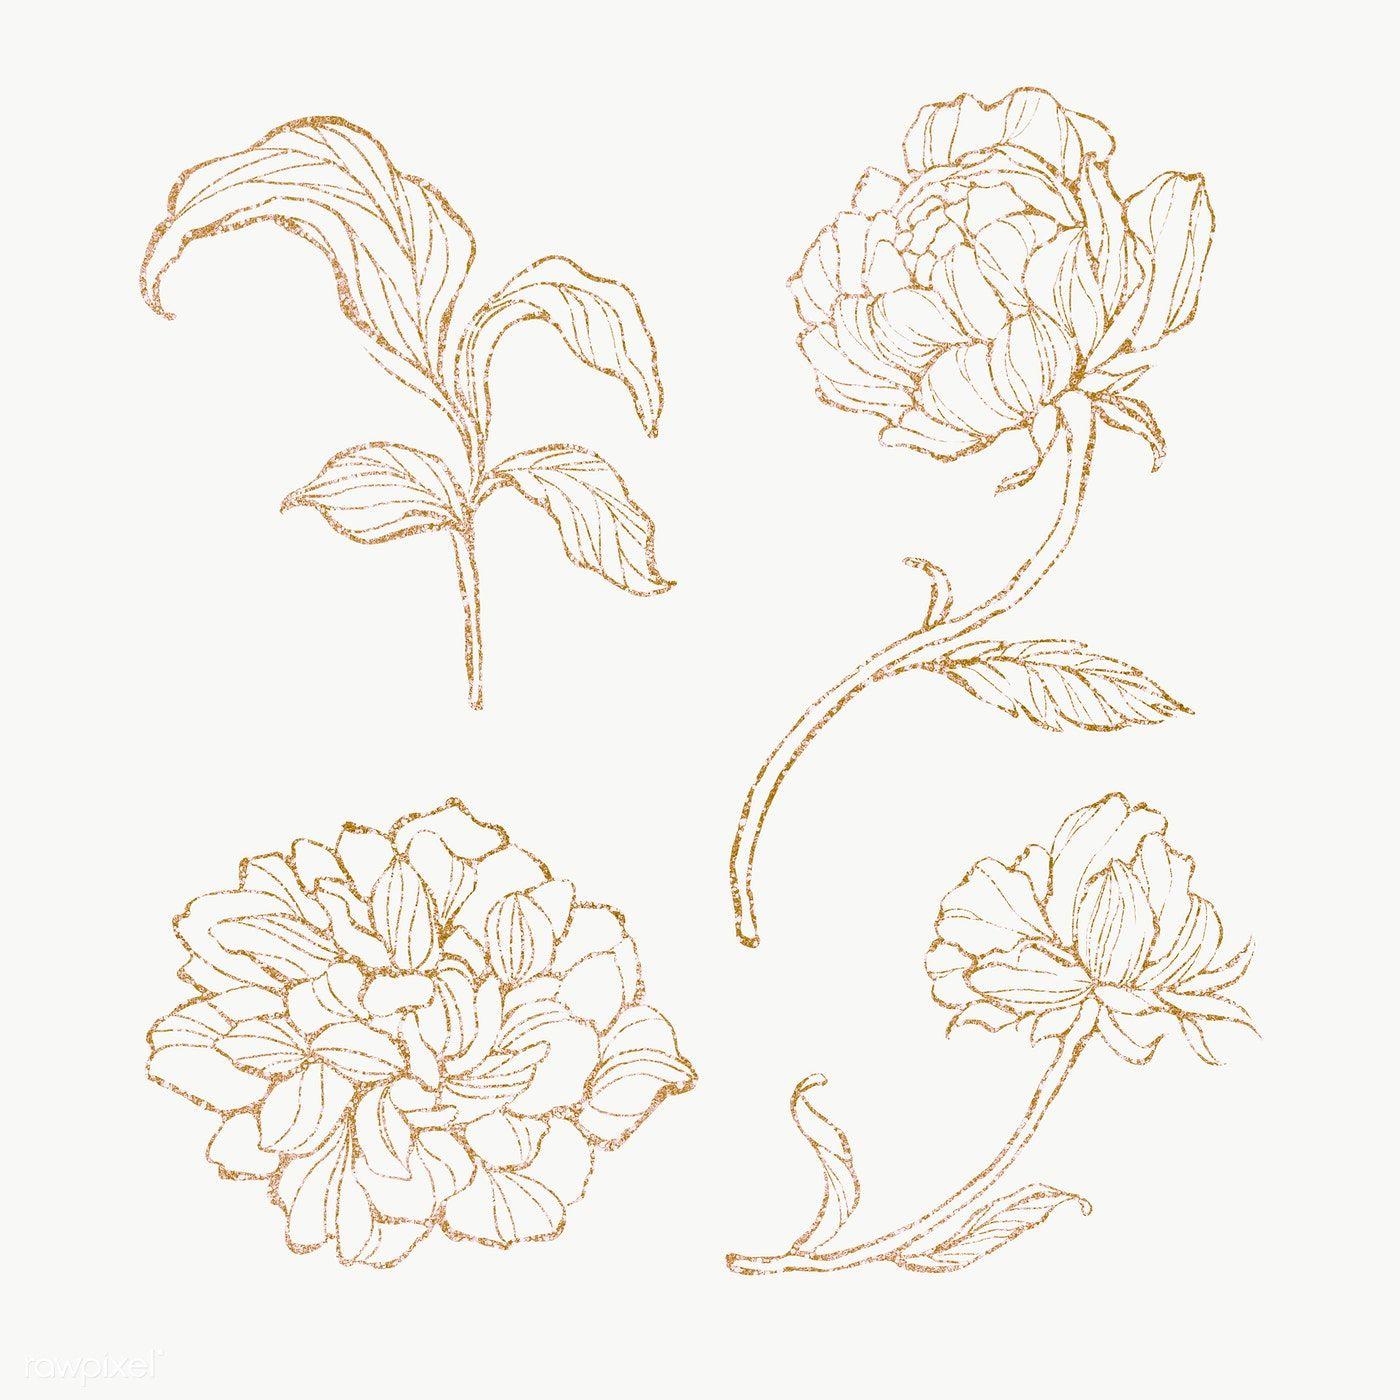 Download Premium Png Of Gold Floral Outline Set Transparent Png 2019766 Gold Drawing Floral Border Design Flower Outline